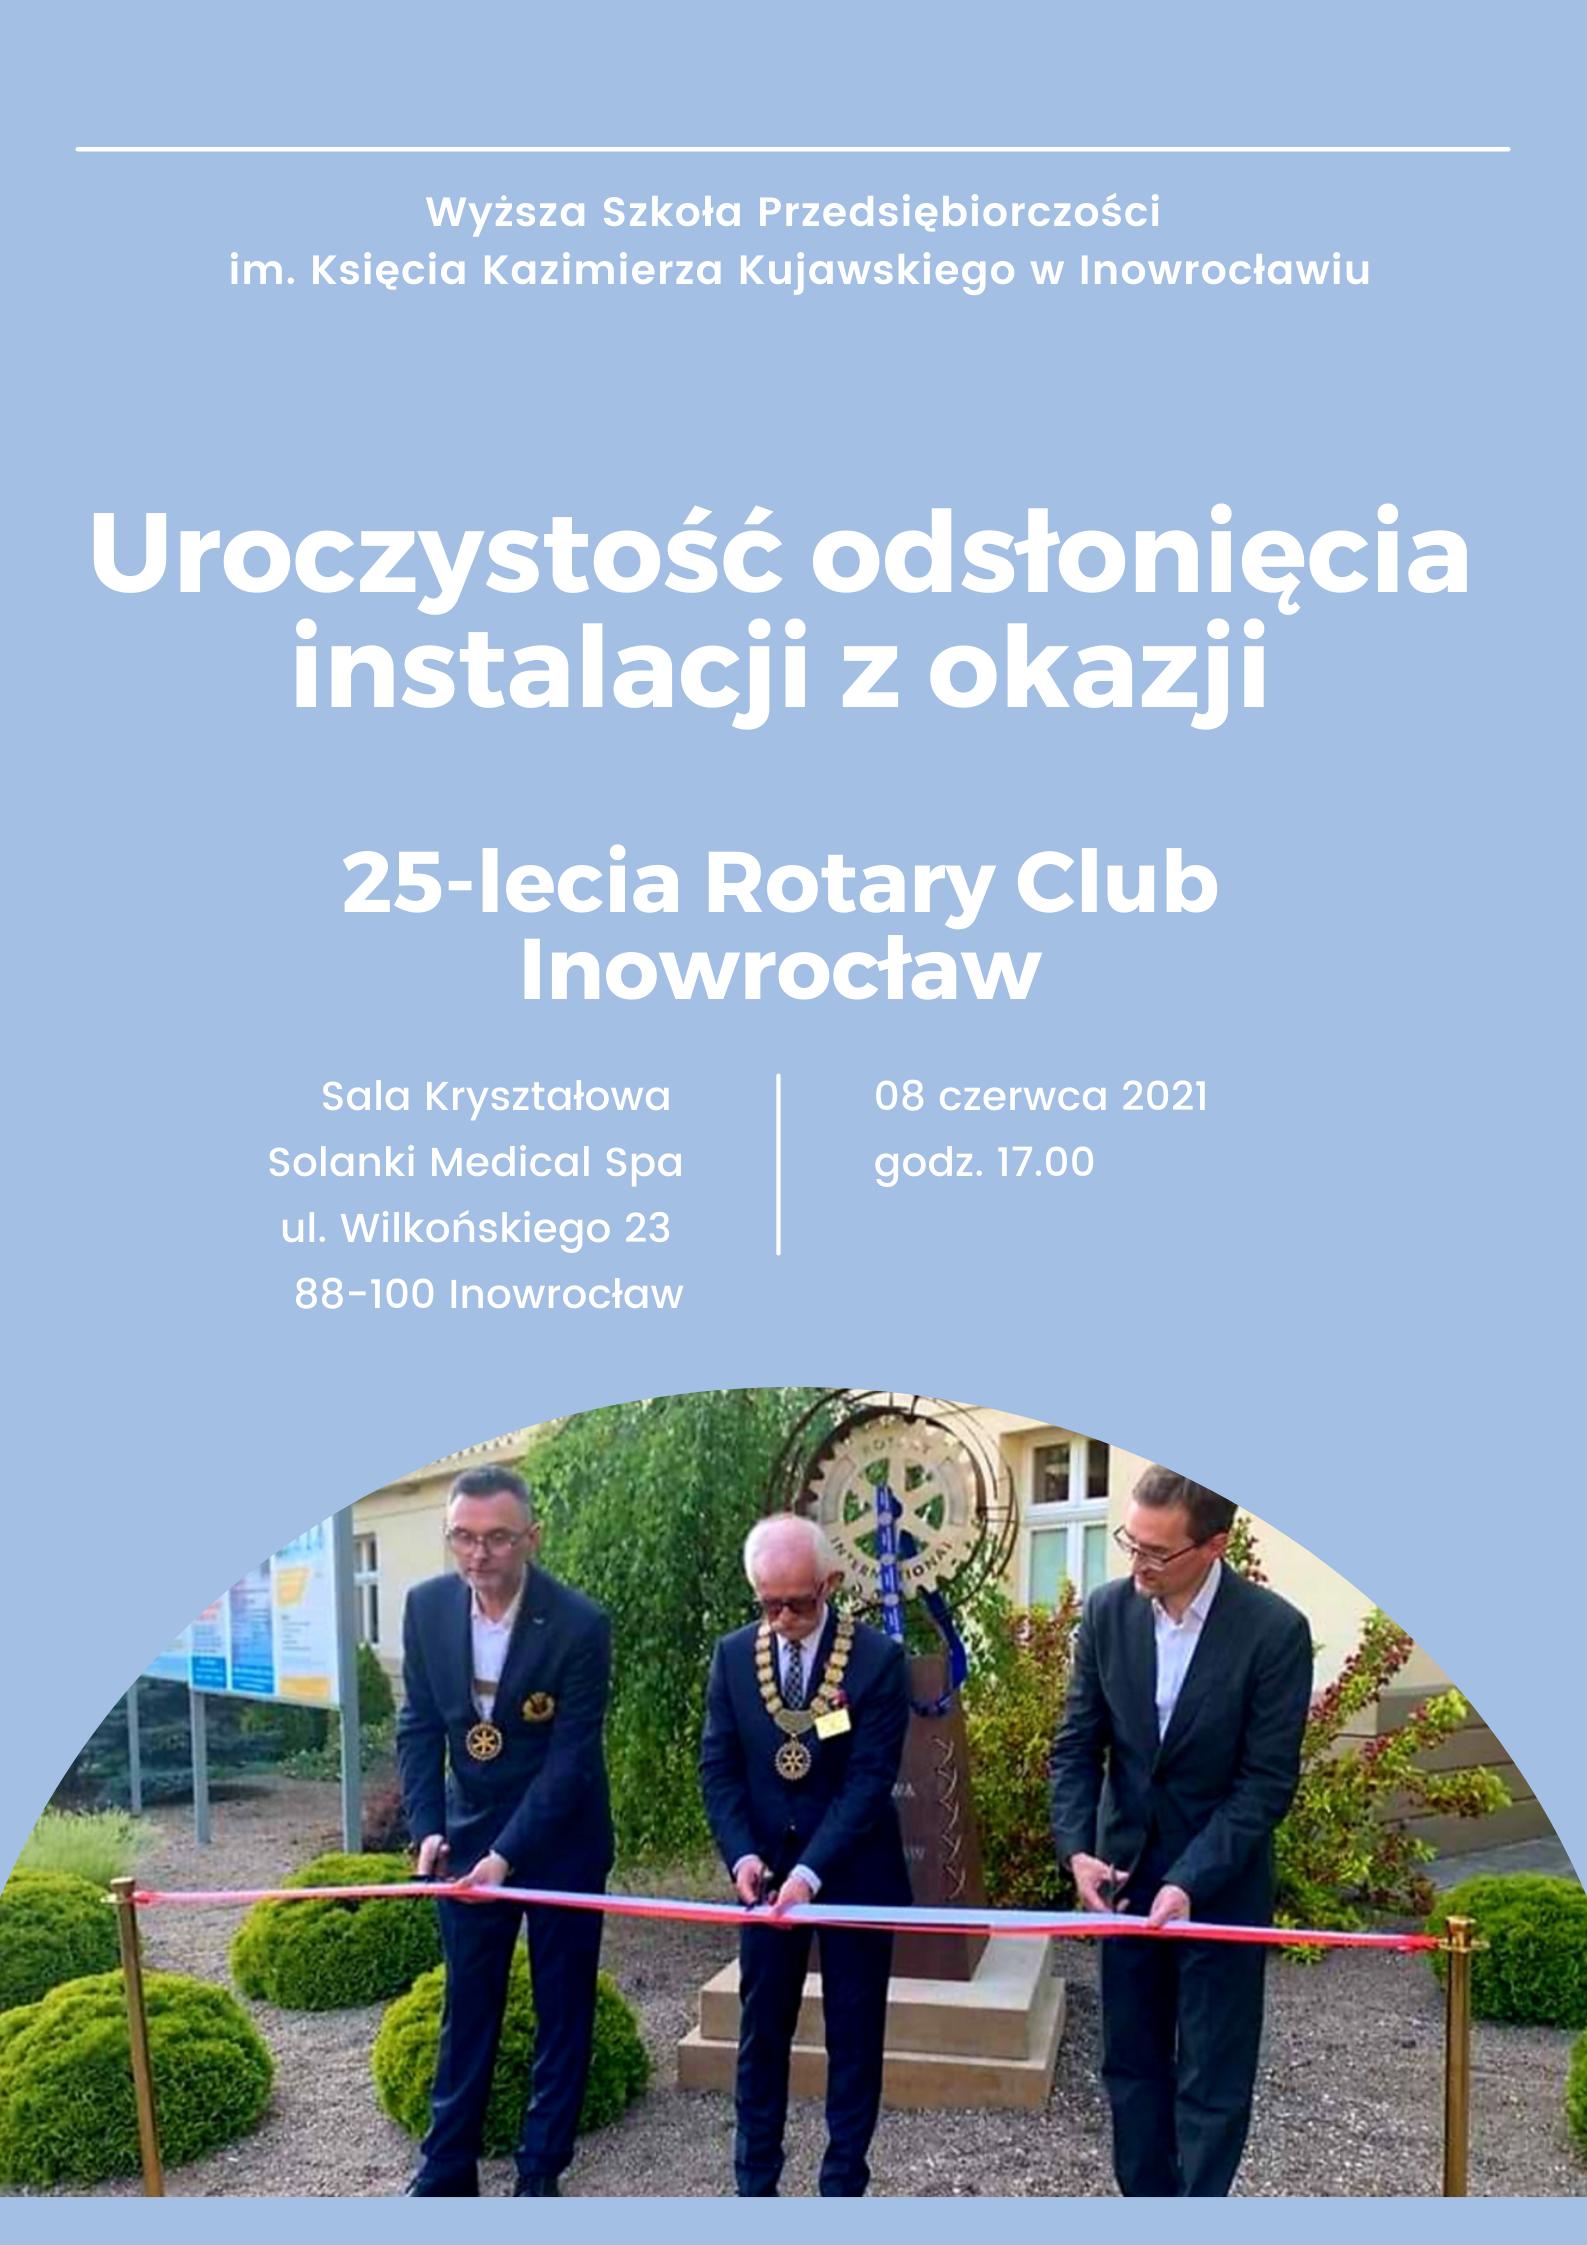 Inowrocławscy Rotarianie świętowali podwójny jubileusz